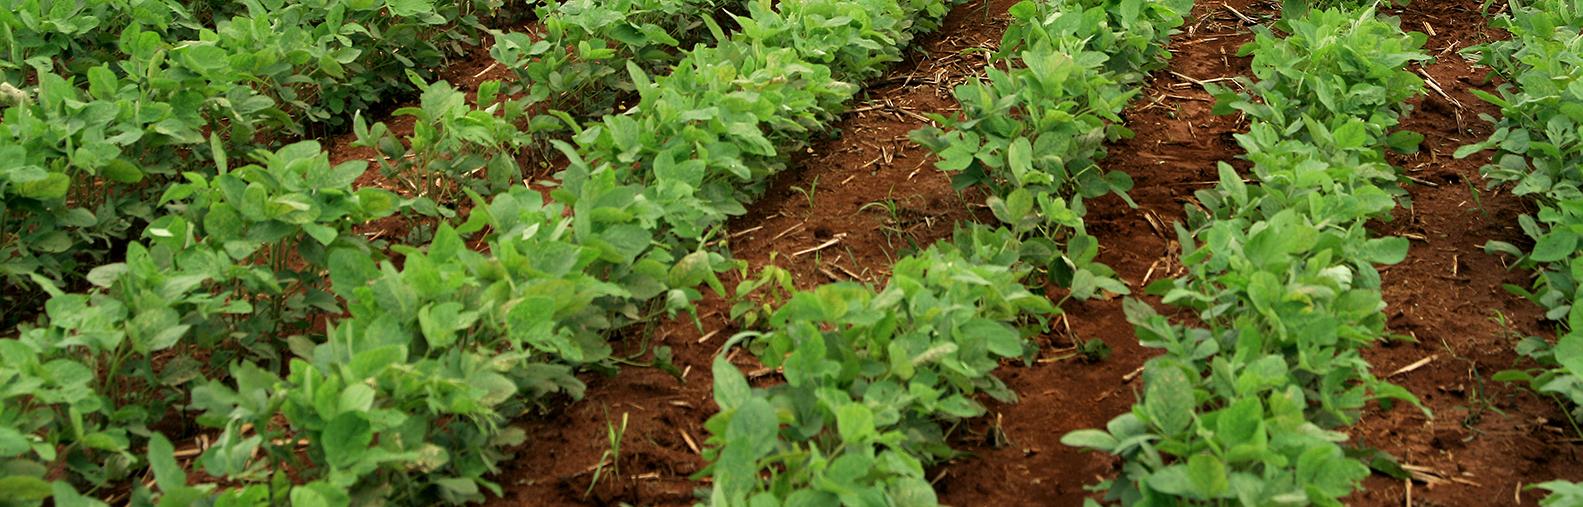 Imagem de uma plantação de soja.